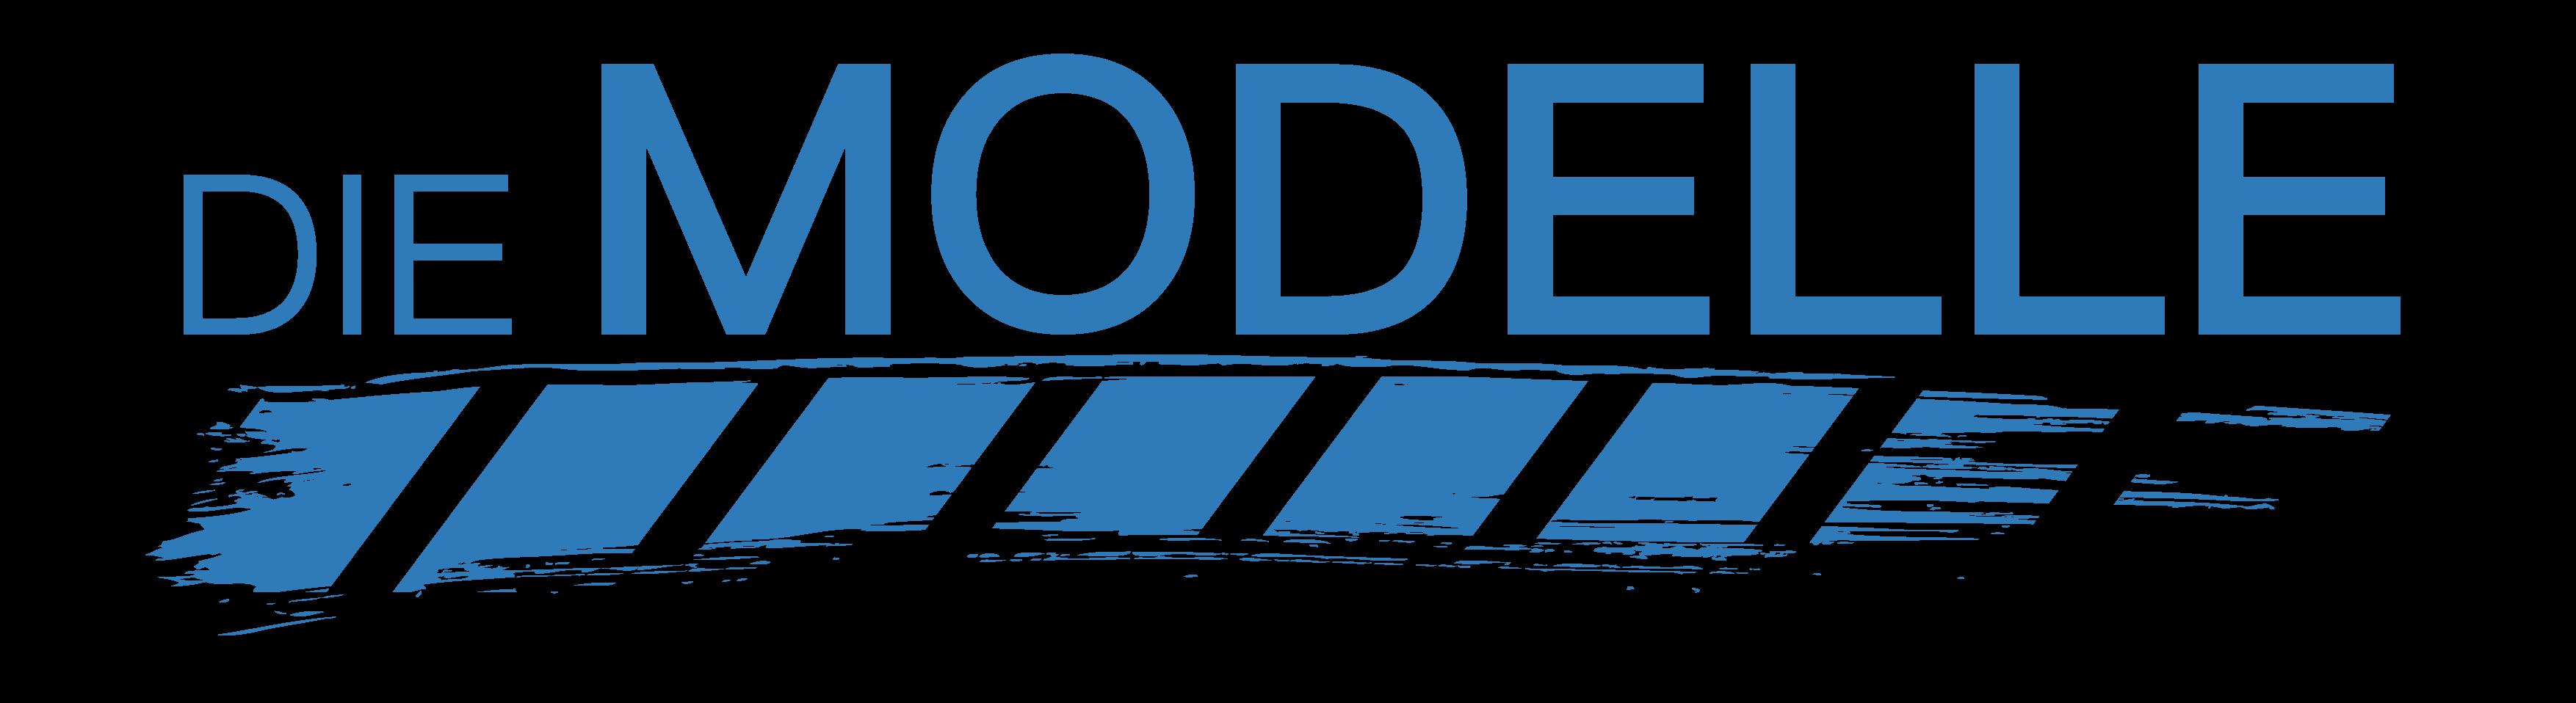 Die-Modelle - Ihr Online-Shop für Rietze-Modelle-Logo